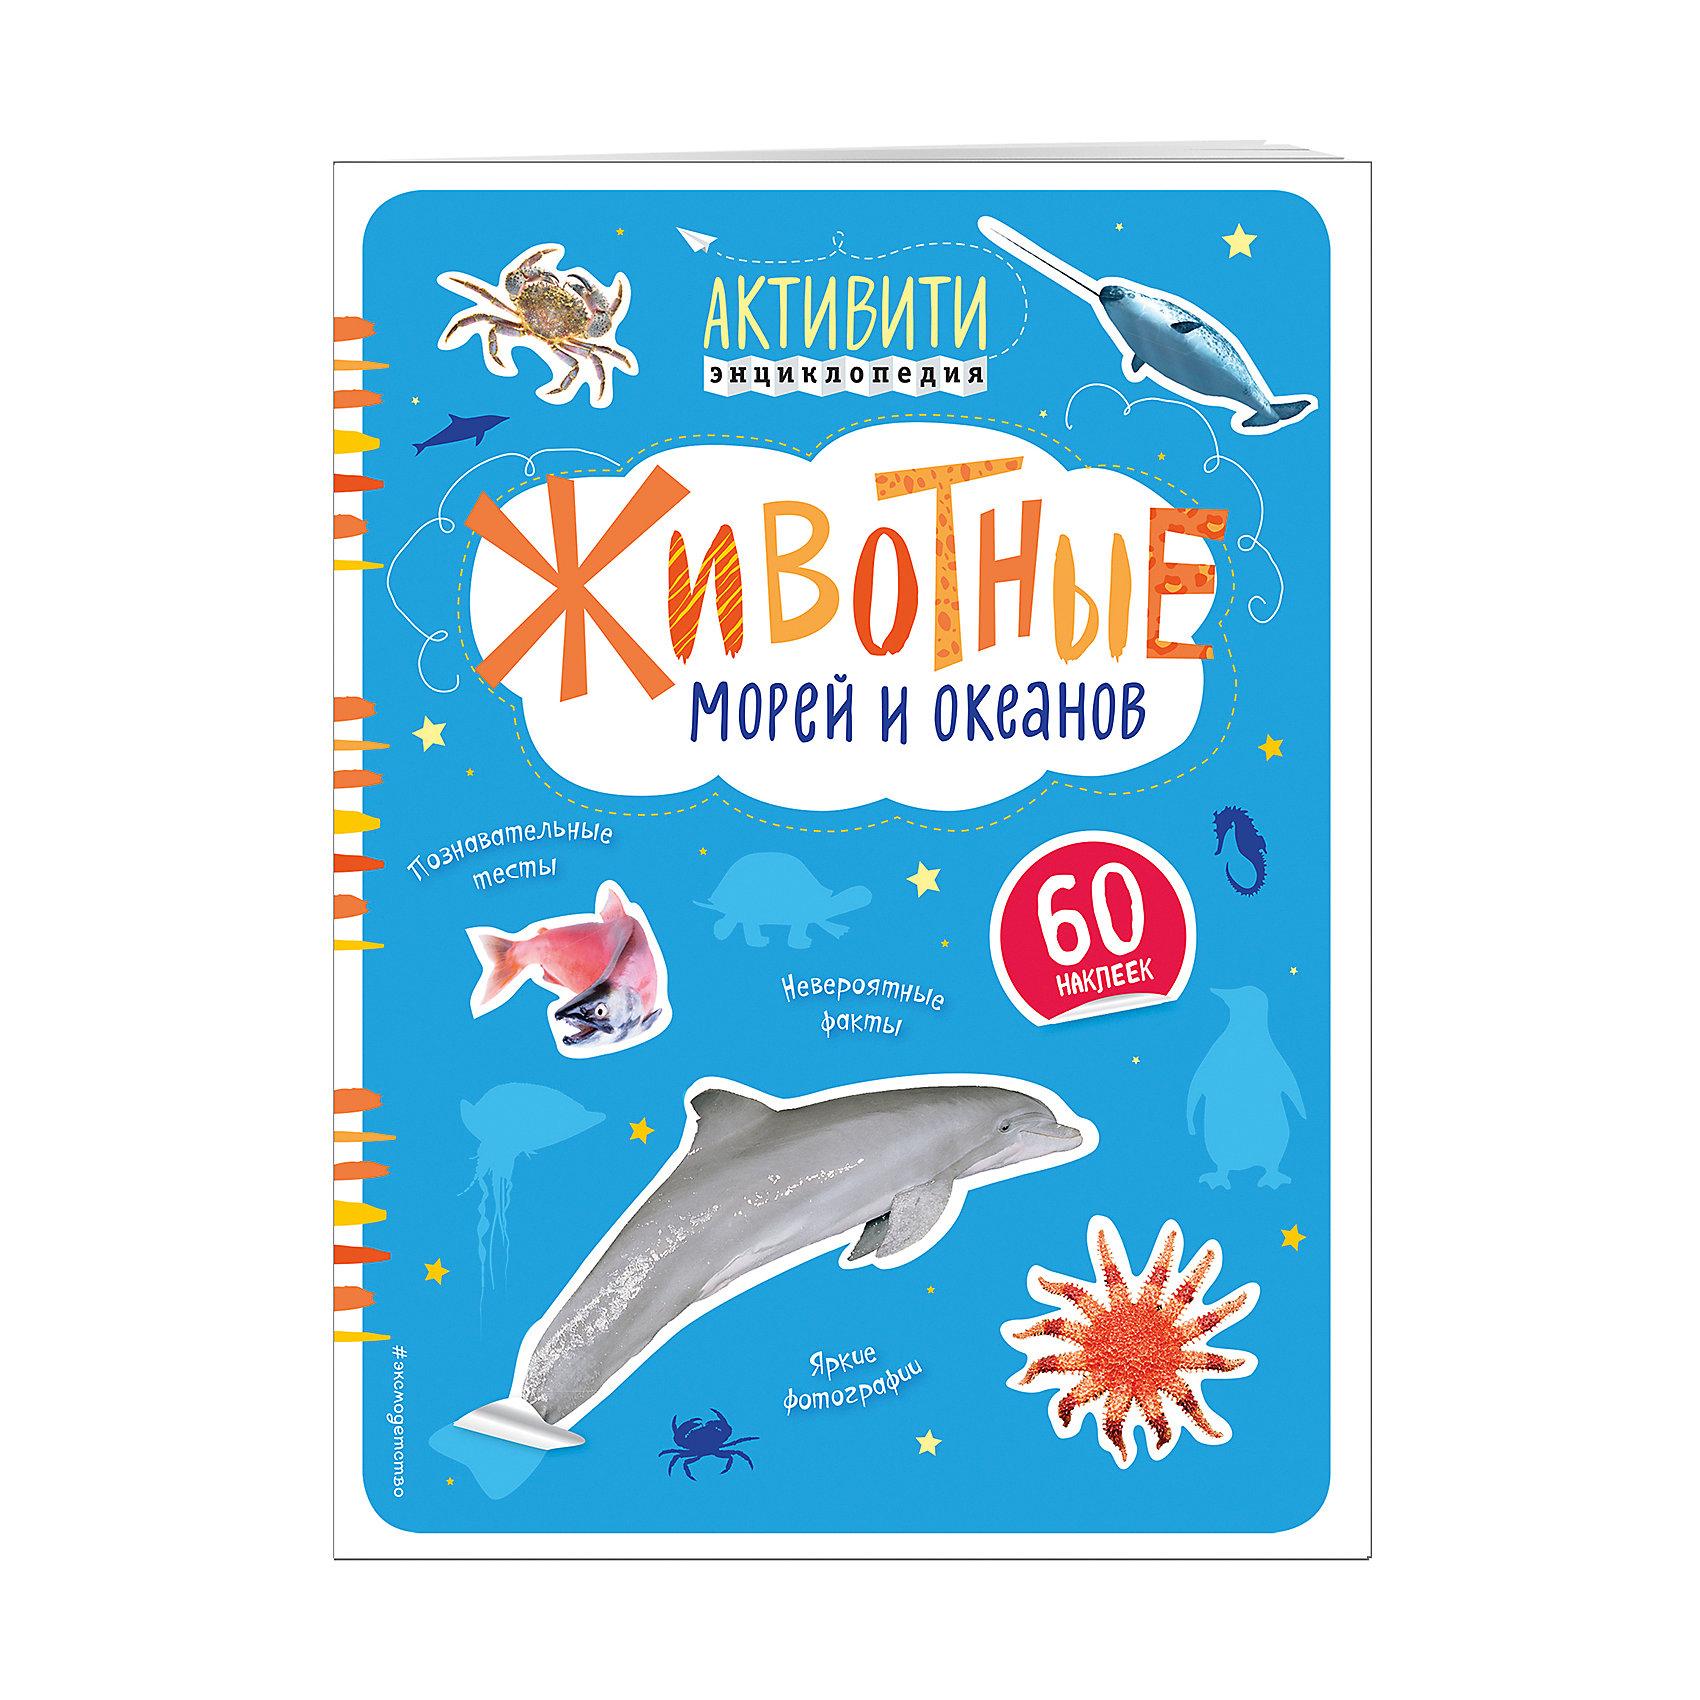 Животные морей и океанов с наклейкамиЭксмо<br>Хочешь стать участником захватывающего путешествия в мир живой природы? Тогда эта книга для тебя! Здесь тебя ждут рассказы о вооружённых клешнями крабах и колючих морских ежах, о смышлёных осьминогах и гигантских китах. На страницах есть места, где изображены только силуэты животных. Все они пронумерованы. Кто скрывается под каждым номером, ты узнаешь, открыв лист с наклейками. Найди на нём животное с соответствующим номером и аккуратно приклей наклейку на нужное место на странице.<br>Внимание! Путешествие по морям и океанам начинается прямо сейчас!<br><br>Ширина мм: 300<br>Глубина мм: 220<br>Высота мм: 30<br>Вес г: 156<br>Возраст от месяцев: 36<br>Возраст до месяцев: 72<br>Пол: Унисекс<br>Возраст: Детский<br>SKU: 6878159